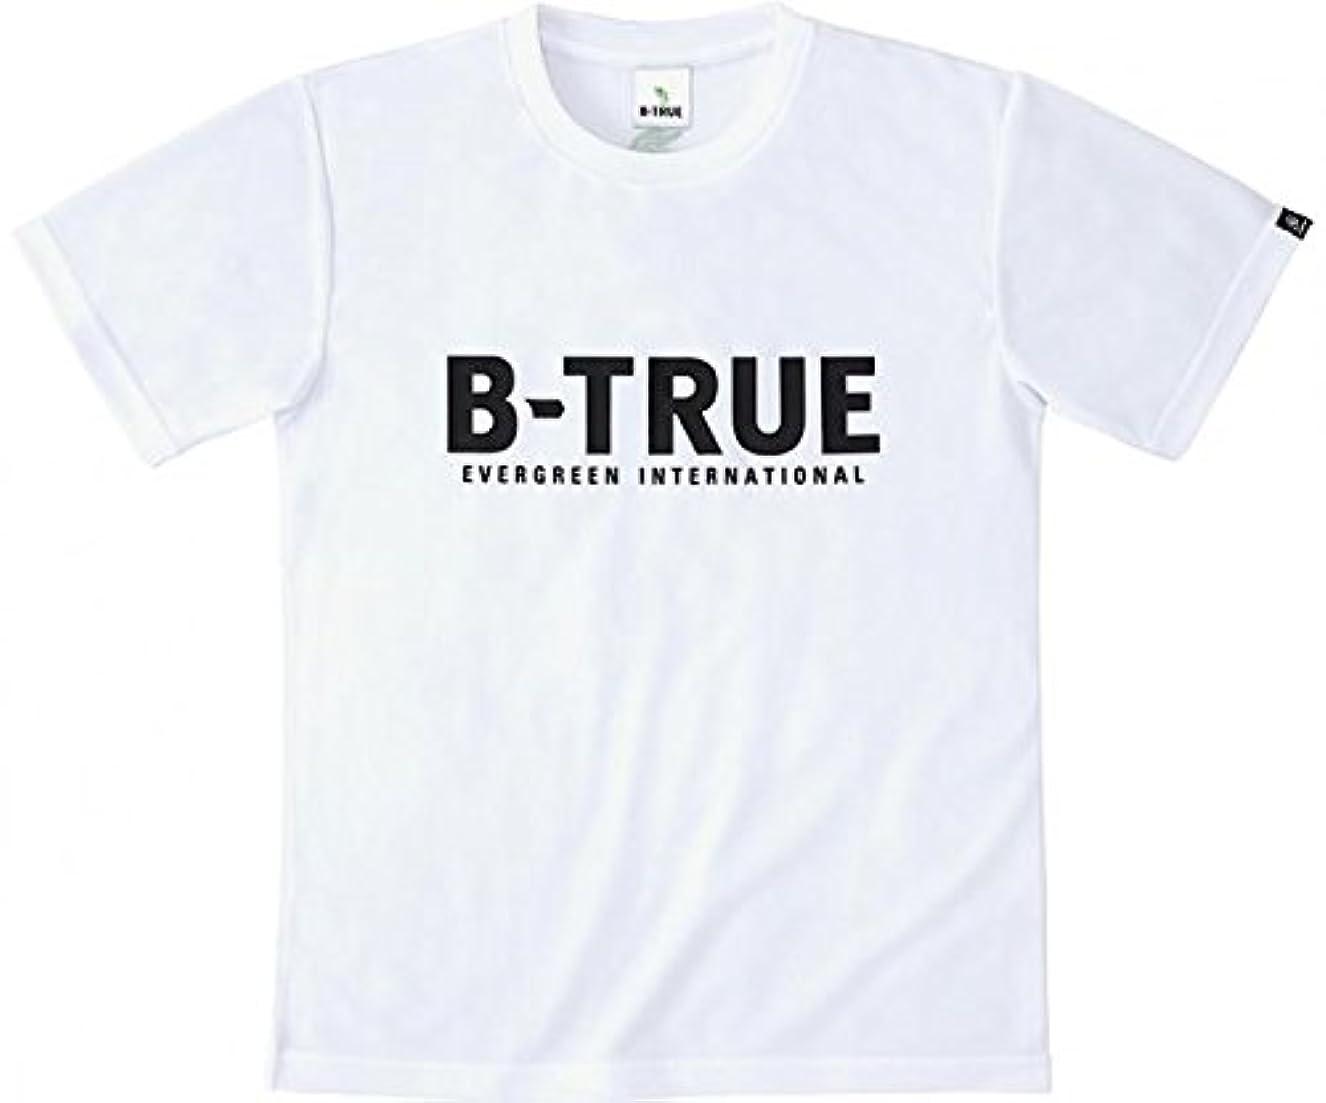 エバーグリーン(EVERGREEN) B-TRUE ドライTシャツ Aタイプ S ホワイト.